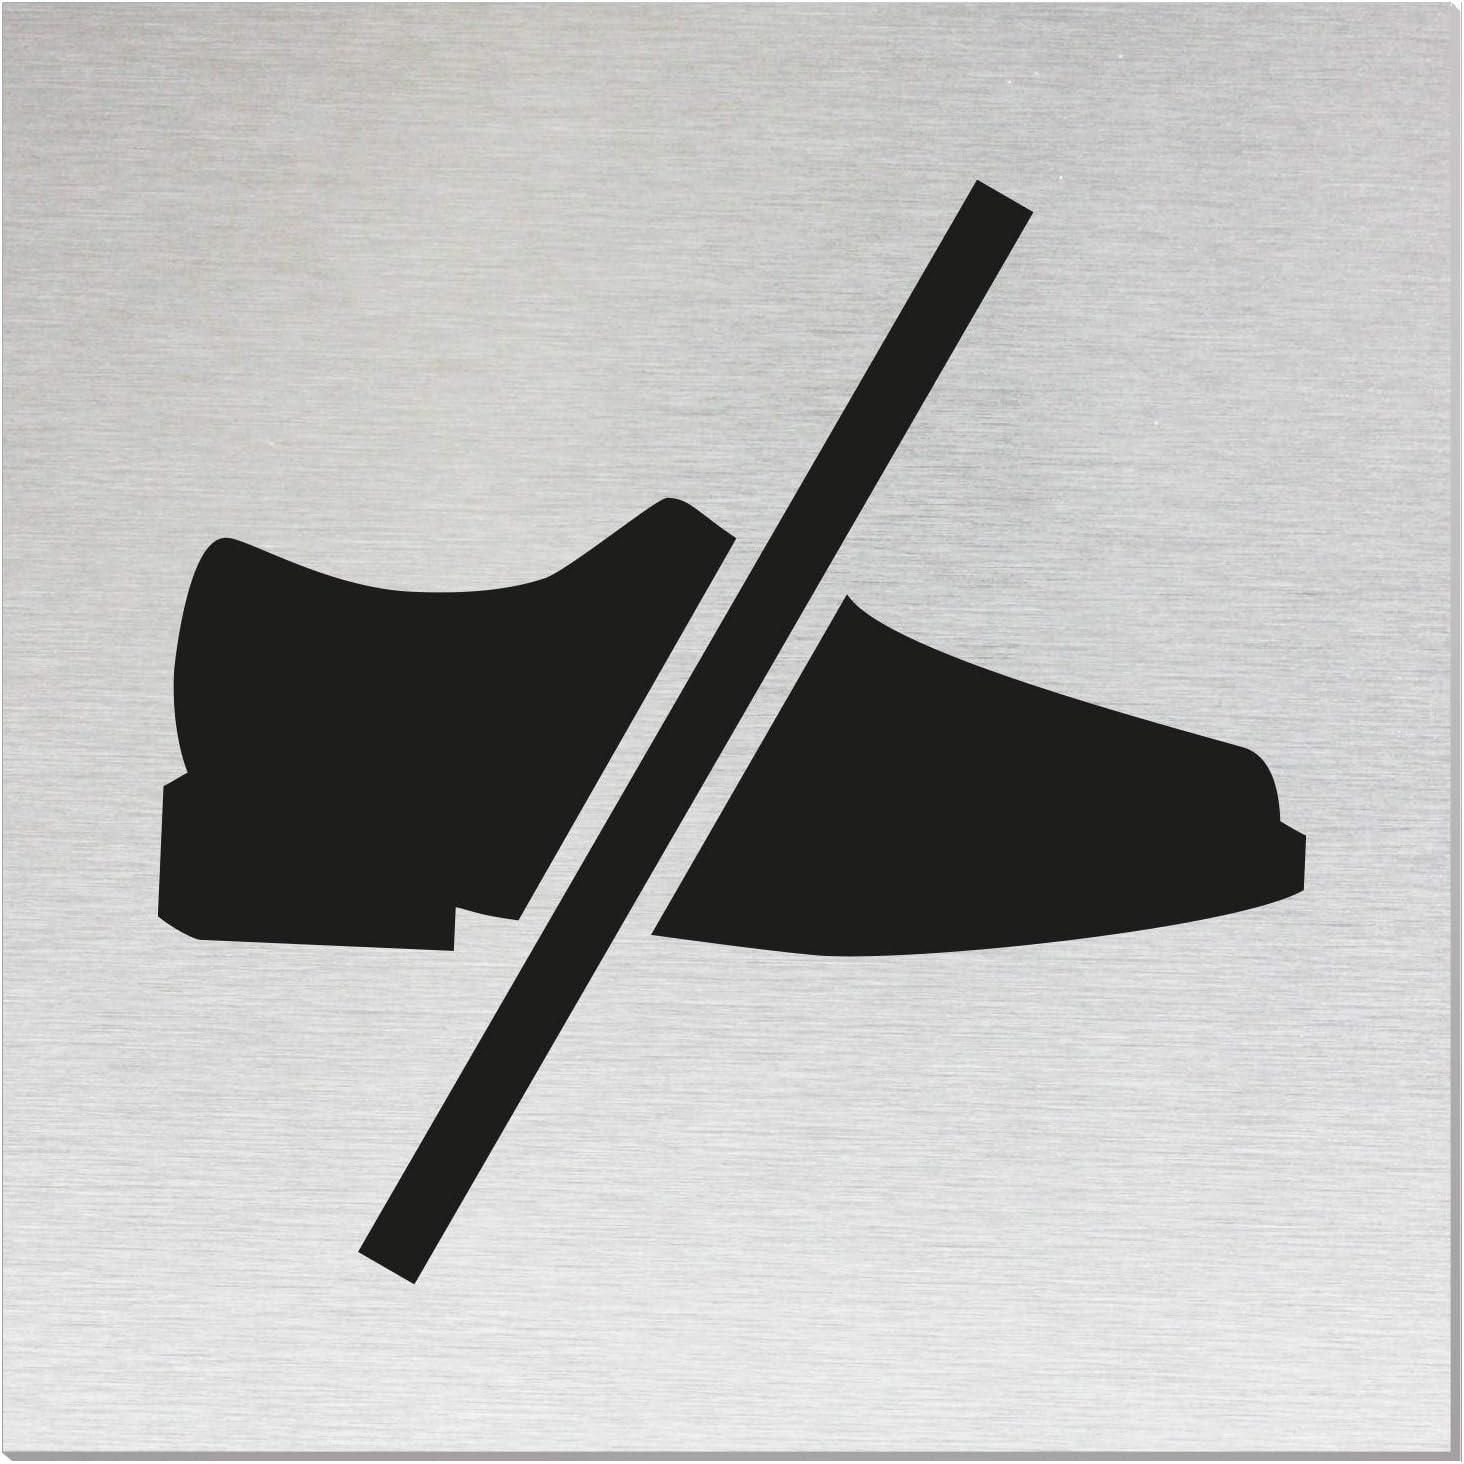 OFFORM Plaque de Porte en Aluminium bross/é l Chaussures Interdits l 120x120mm l No.17164-S